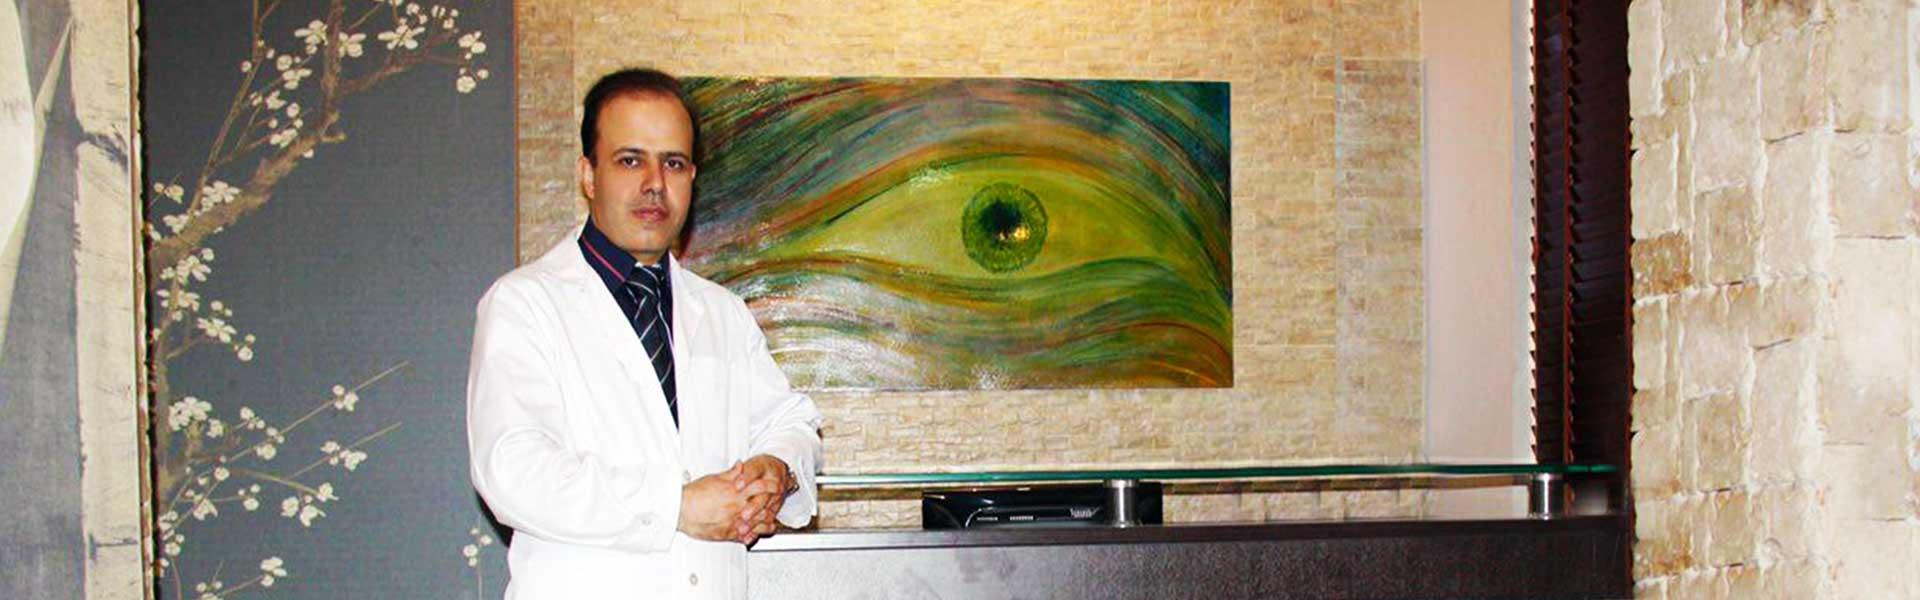 دکتر منصور همایونی